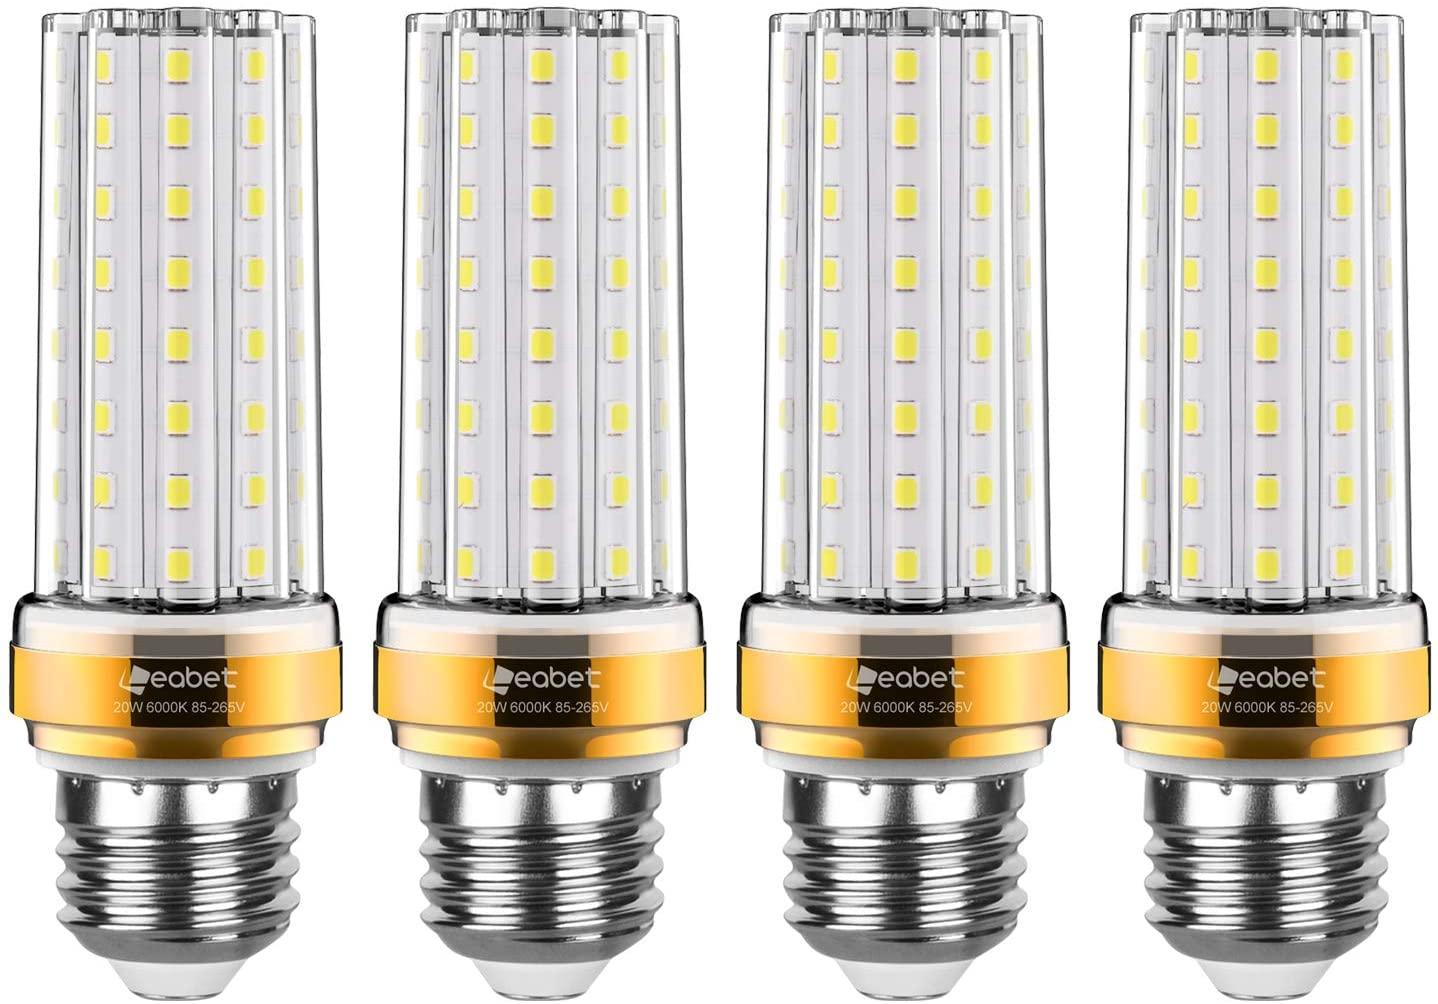 E26 LED Corn Bulb,20W LED Candelabra Light Bulbs,150 Watt Equivalent,Cool White Daylight White 6000K Indoor Home Lighting,for Home, Warehouse, 85-265V,CRI80,Non-Dimmable(4 Packs)